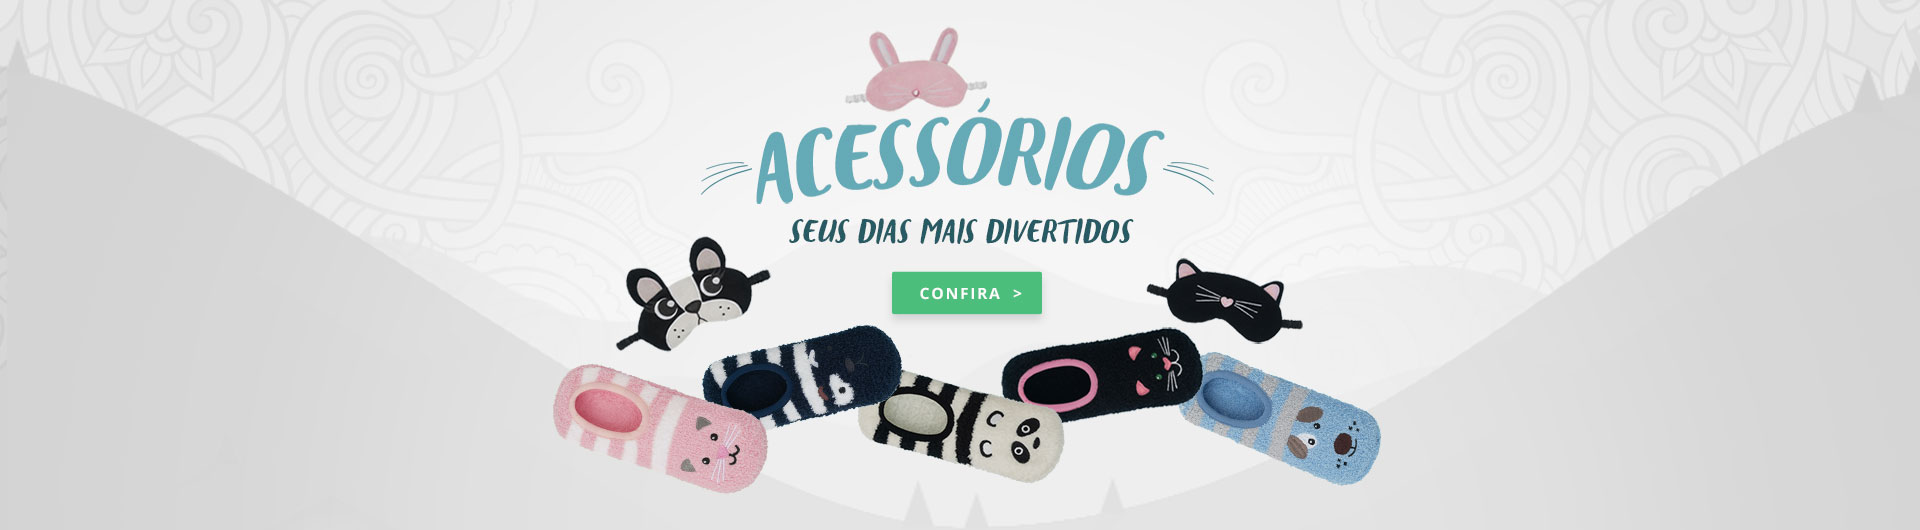 Banner Médio Acessorios